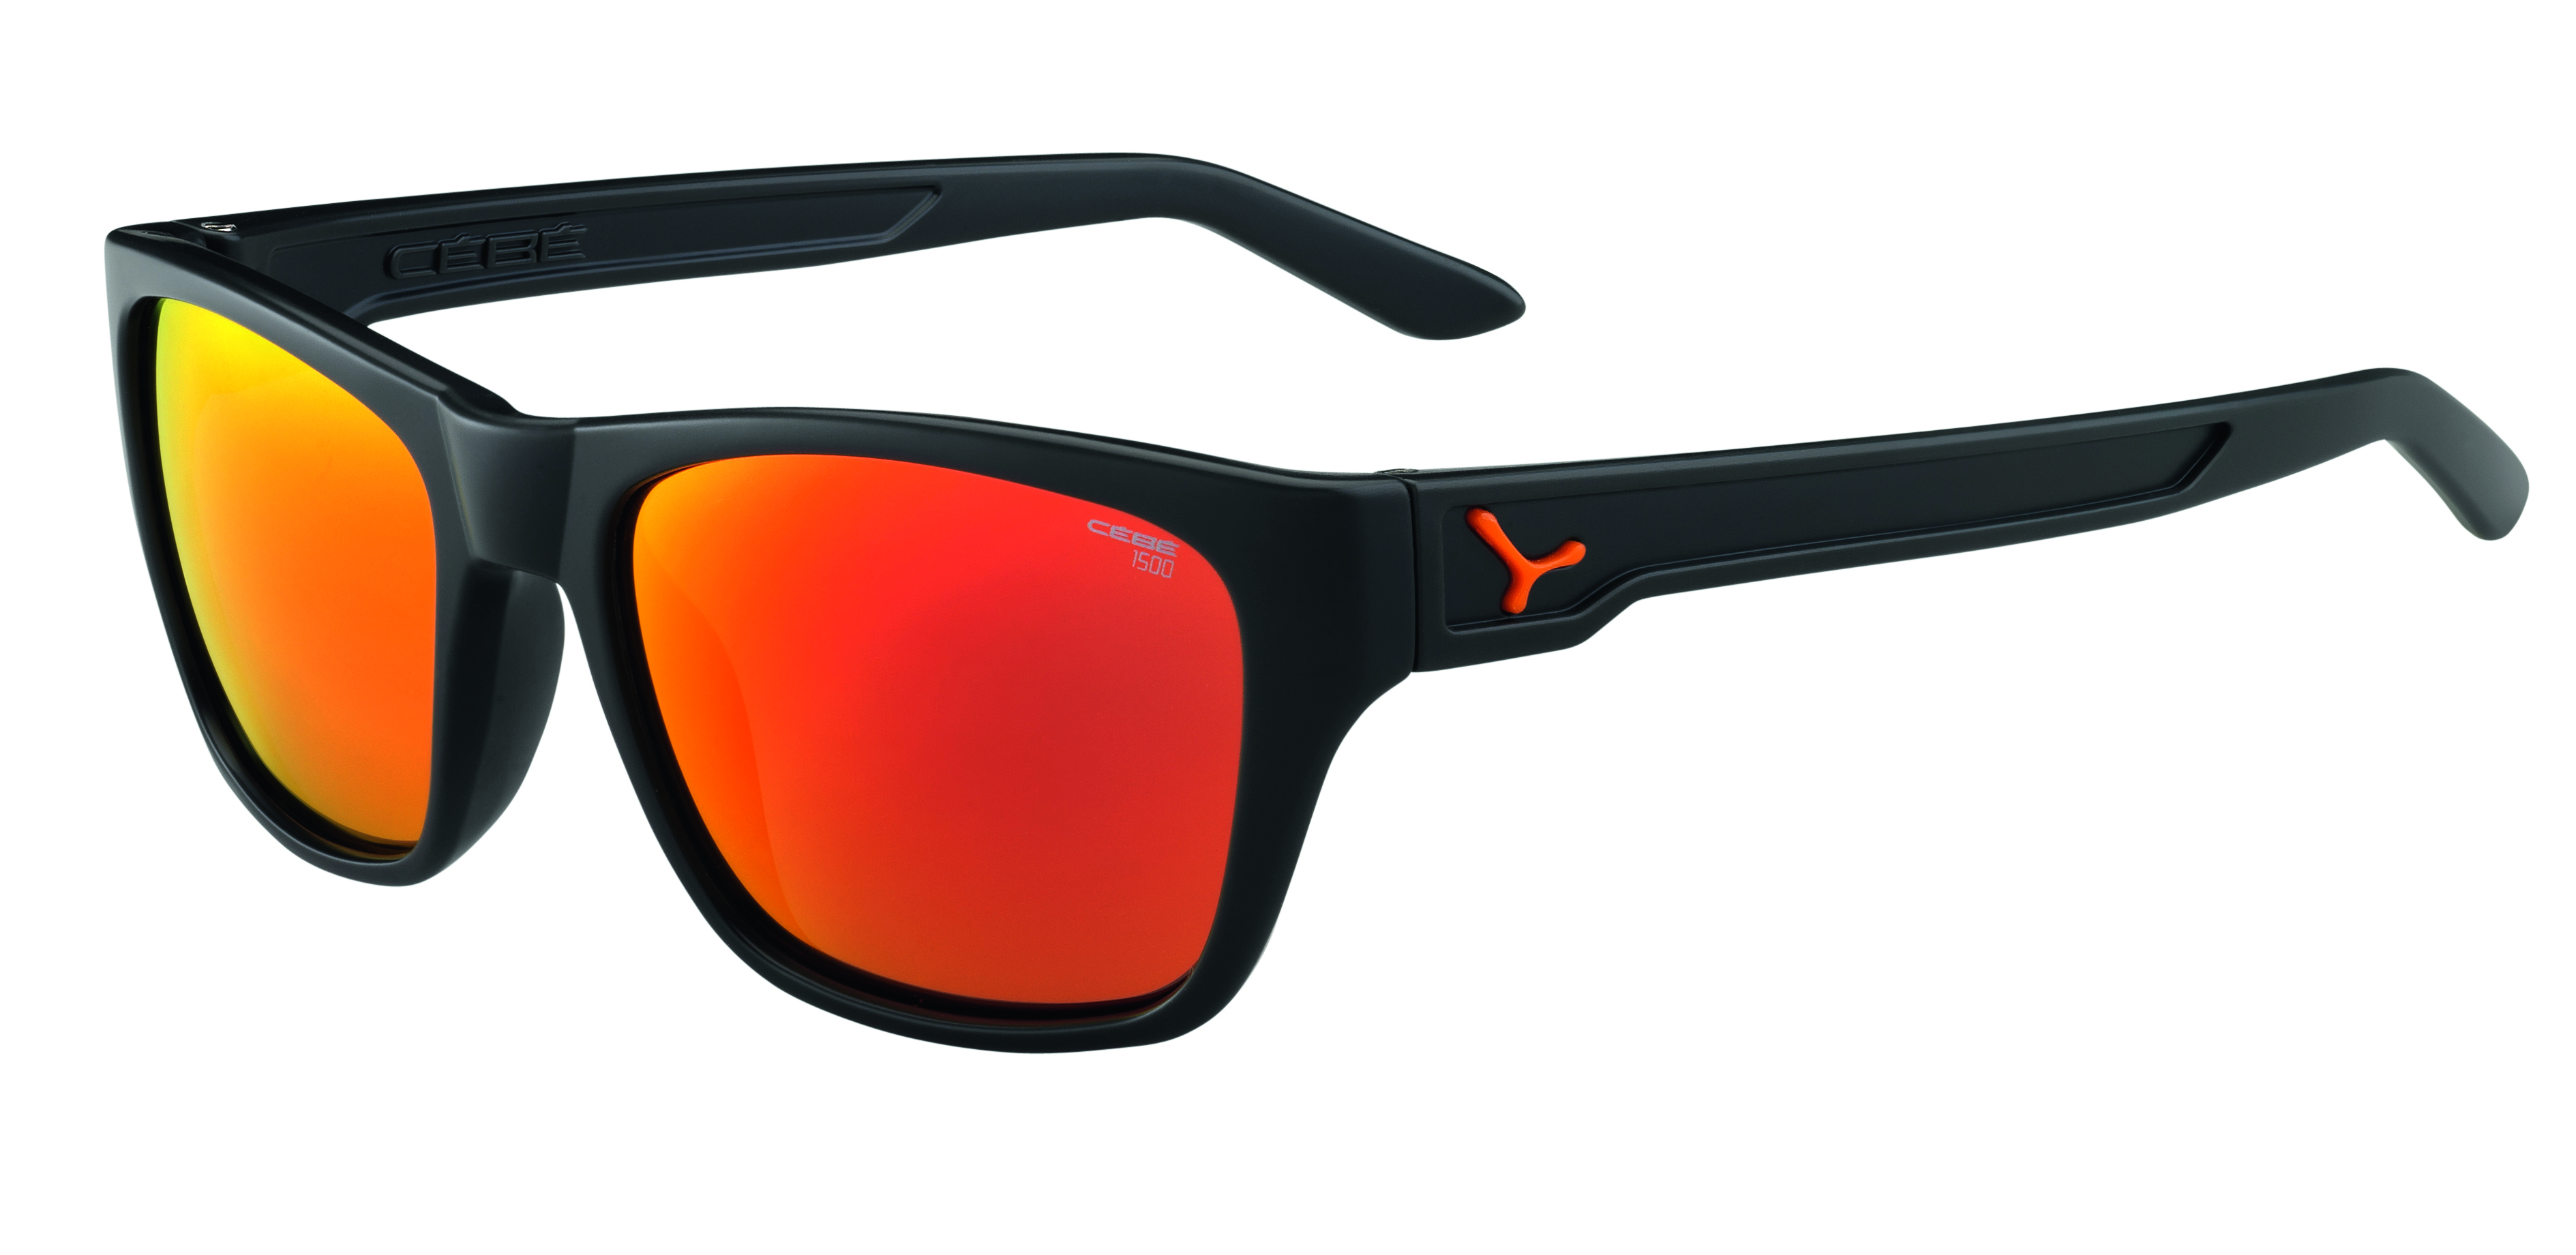 Cébé Hacker napszemüveg - Kütyük - Napszemüveg - Napszemüveg - Nomád ... 65cea6204d